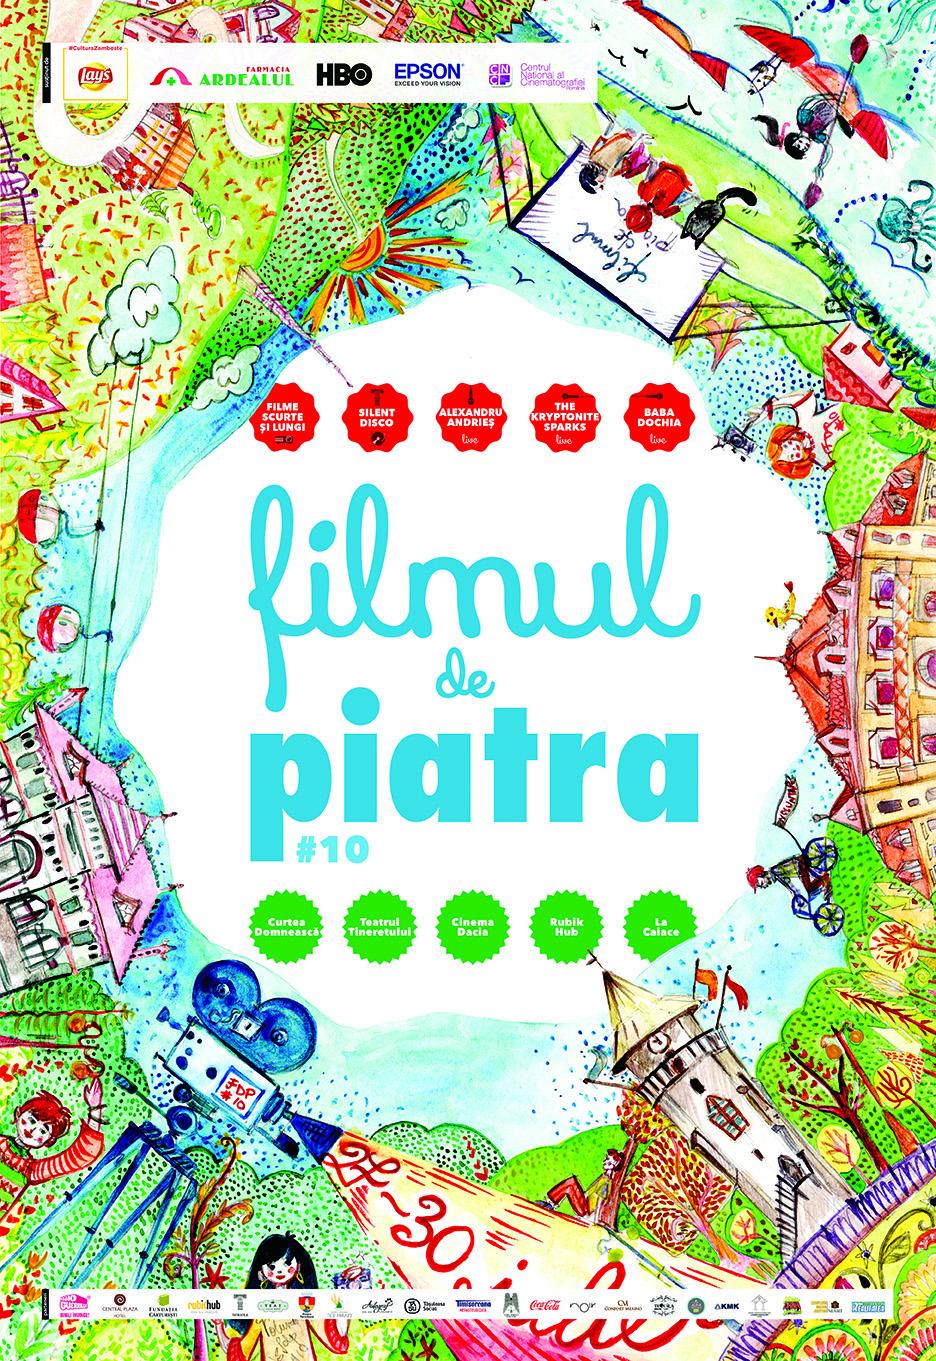 Filmul de Piatra și-a desemnat câștigătorii!